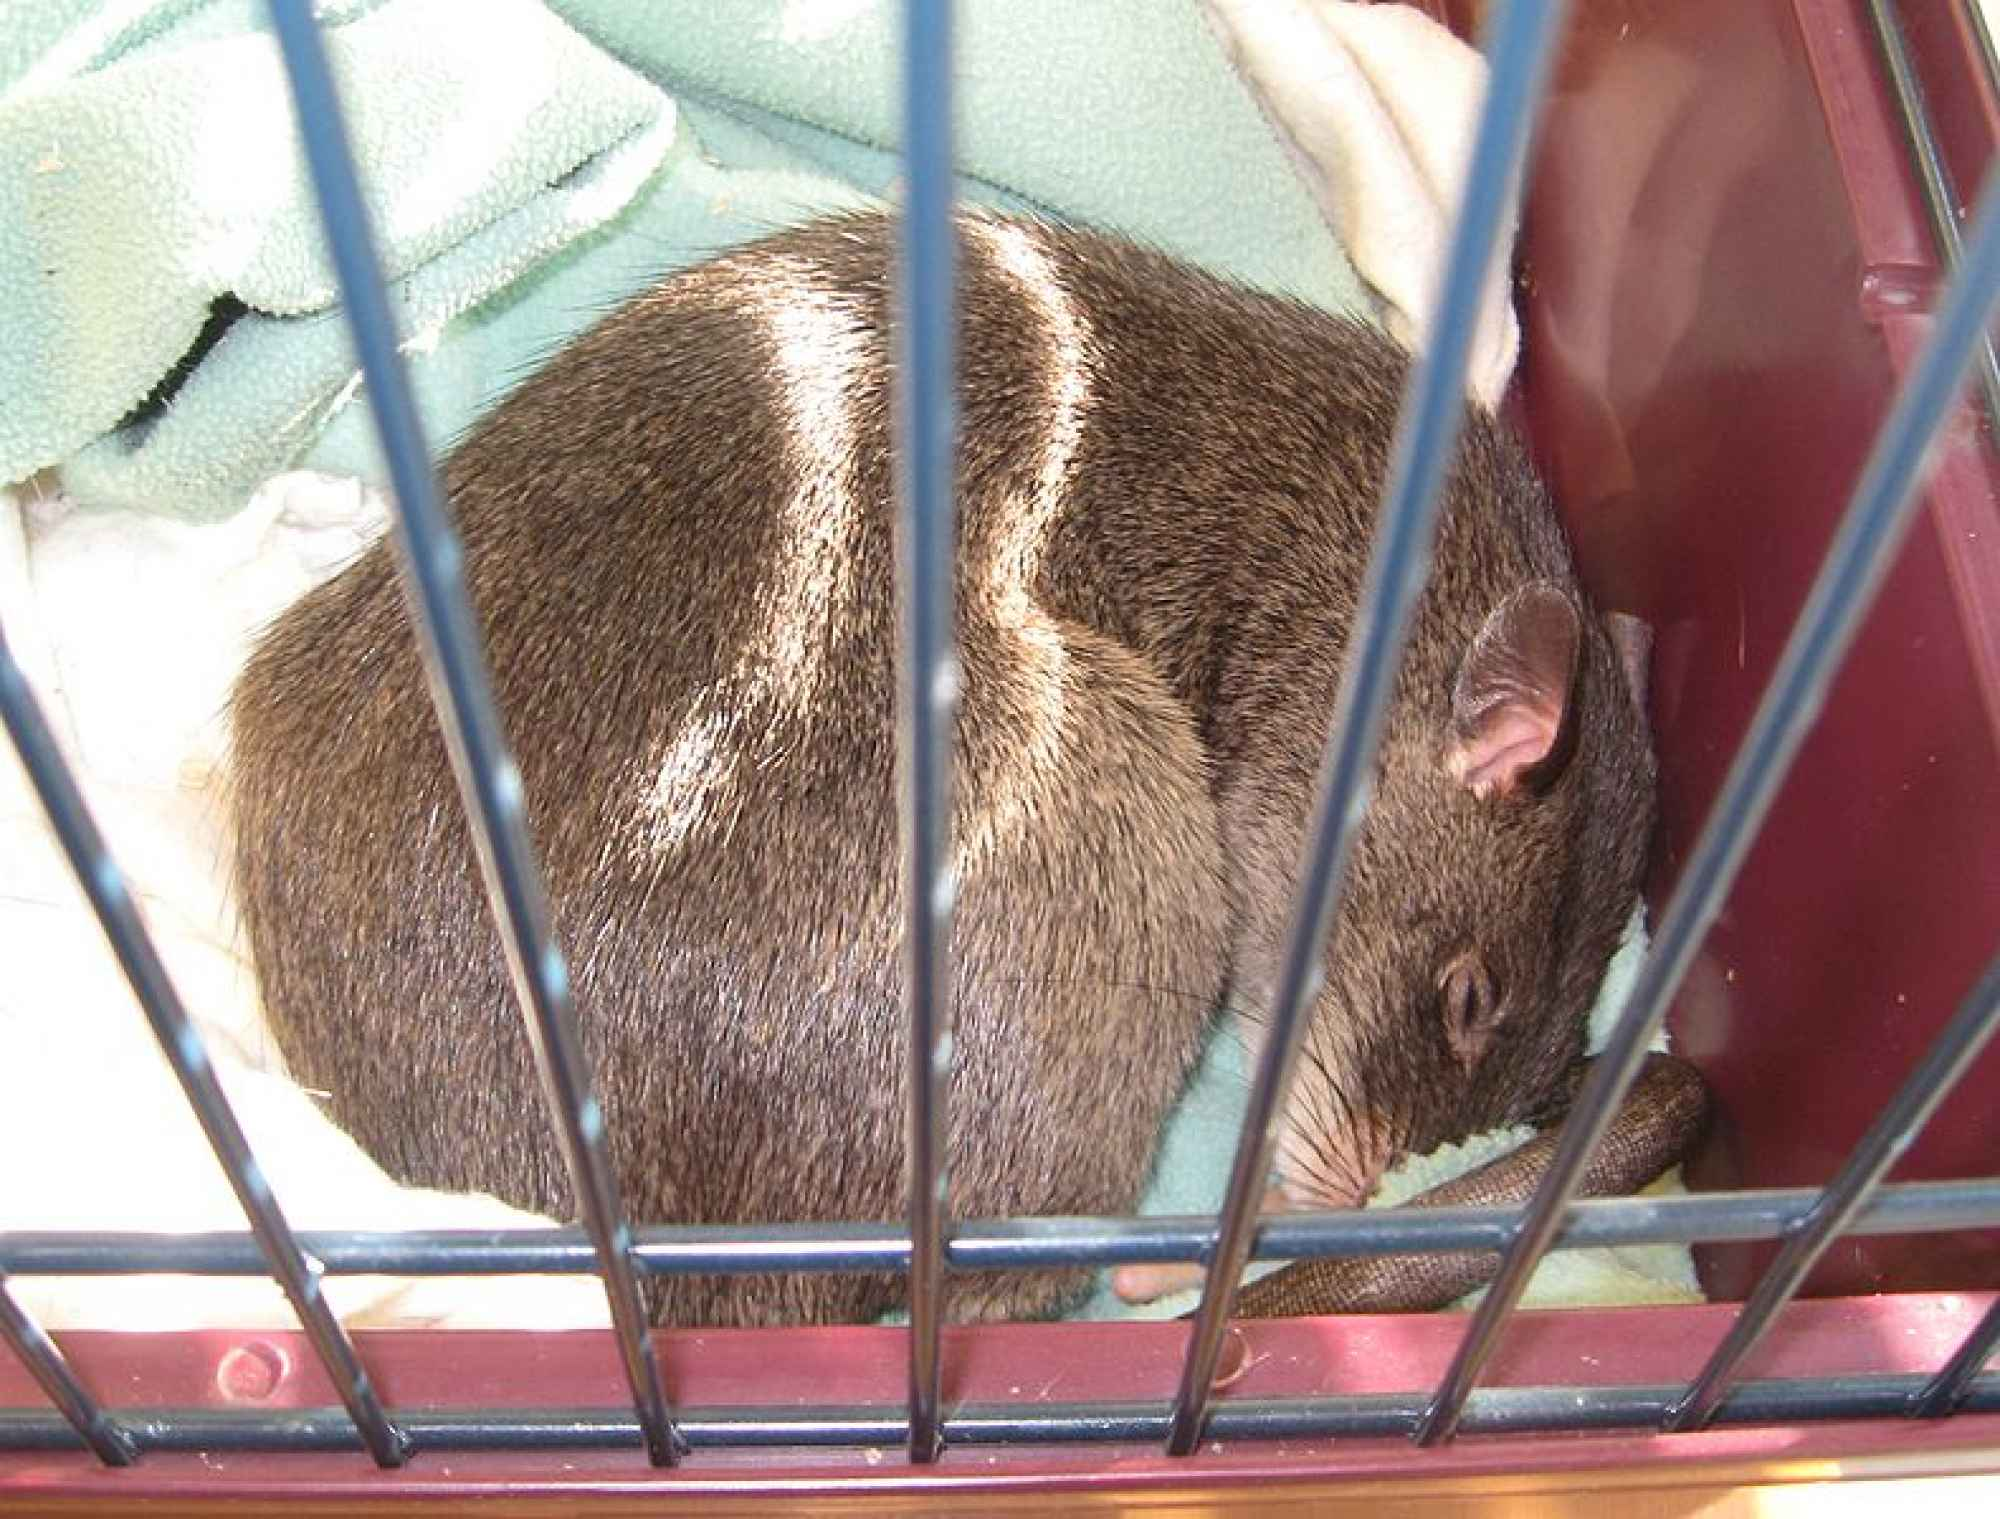 Cricetomys gambianus, Foto: popsci.com